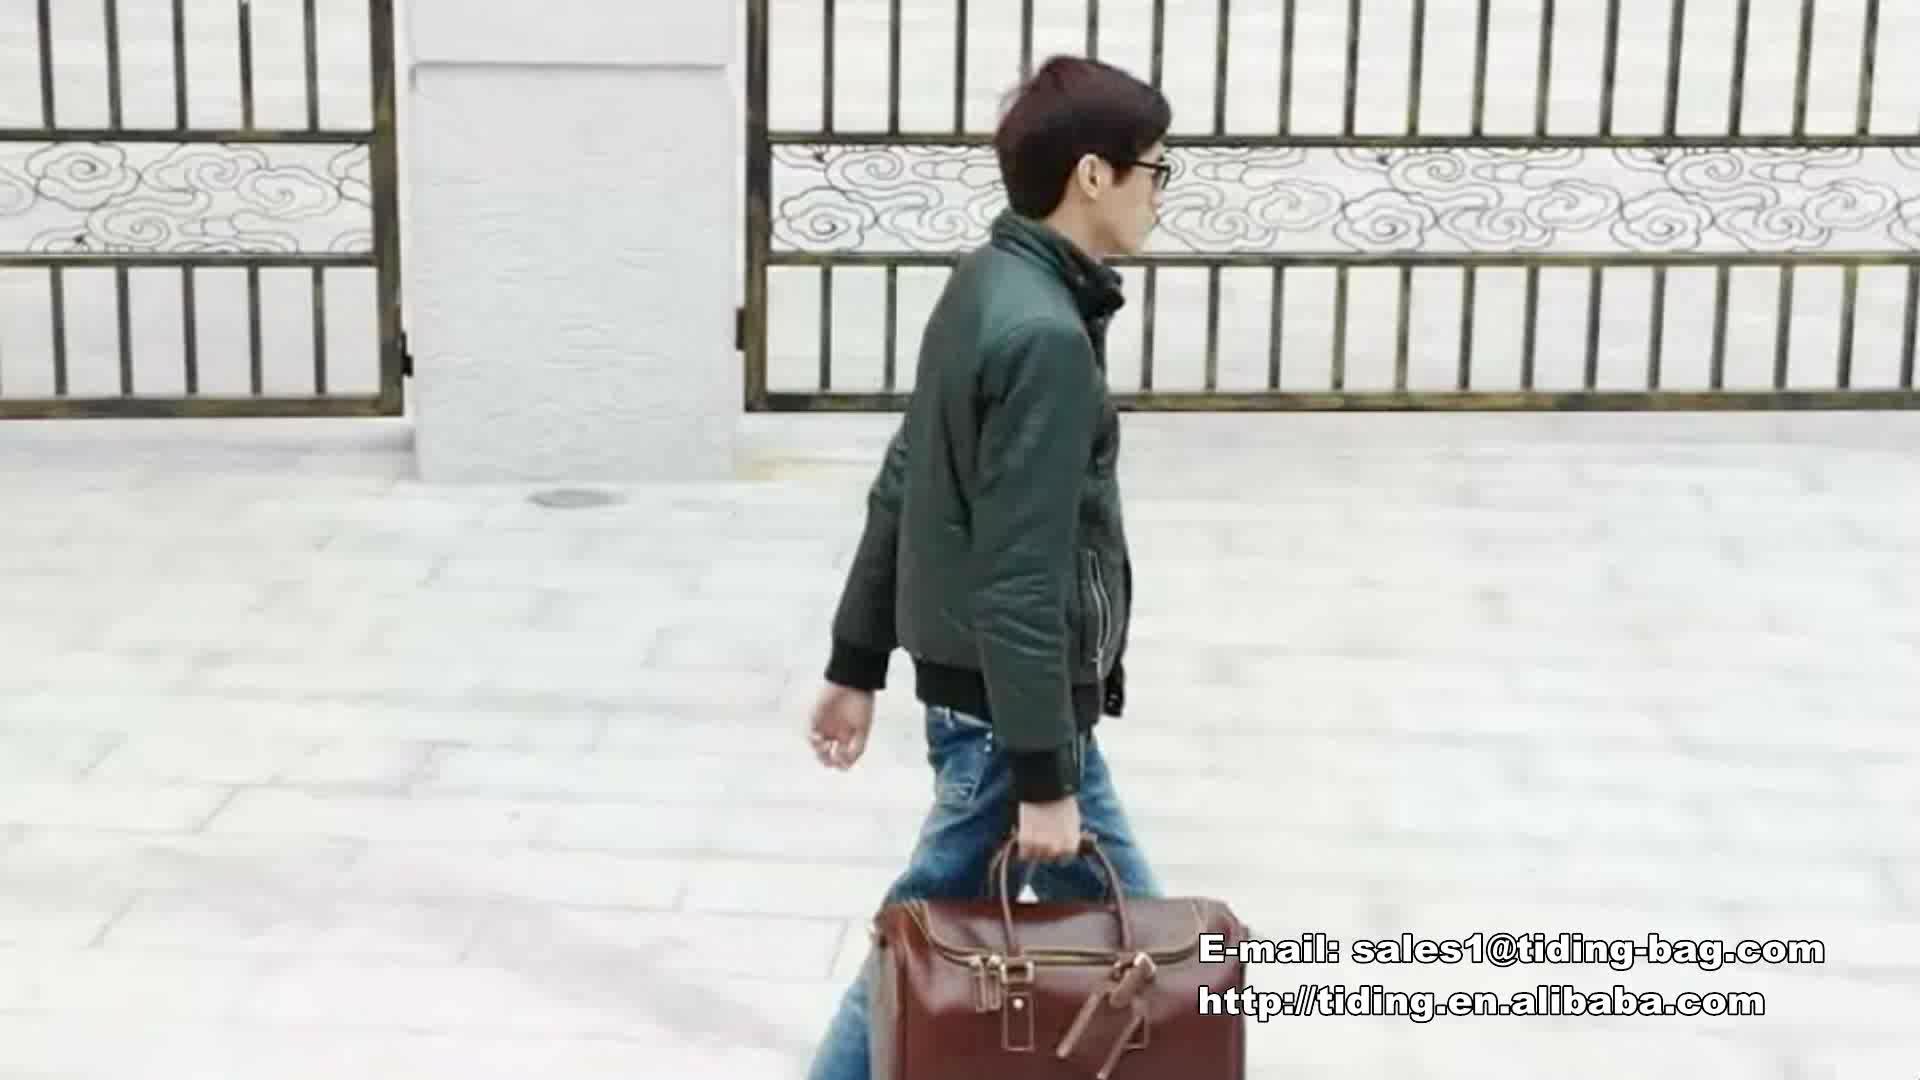 Elegante In Pelle di Cera Olio Borse Donna Uomo Unisex Viaggi Week-end Personalizzato All'ingrosso Genuine Leather Duffle Bag